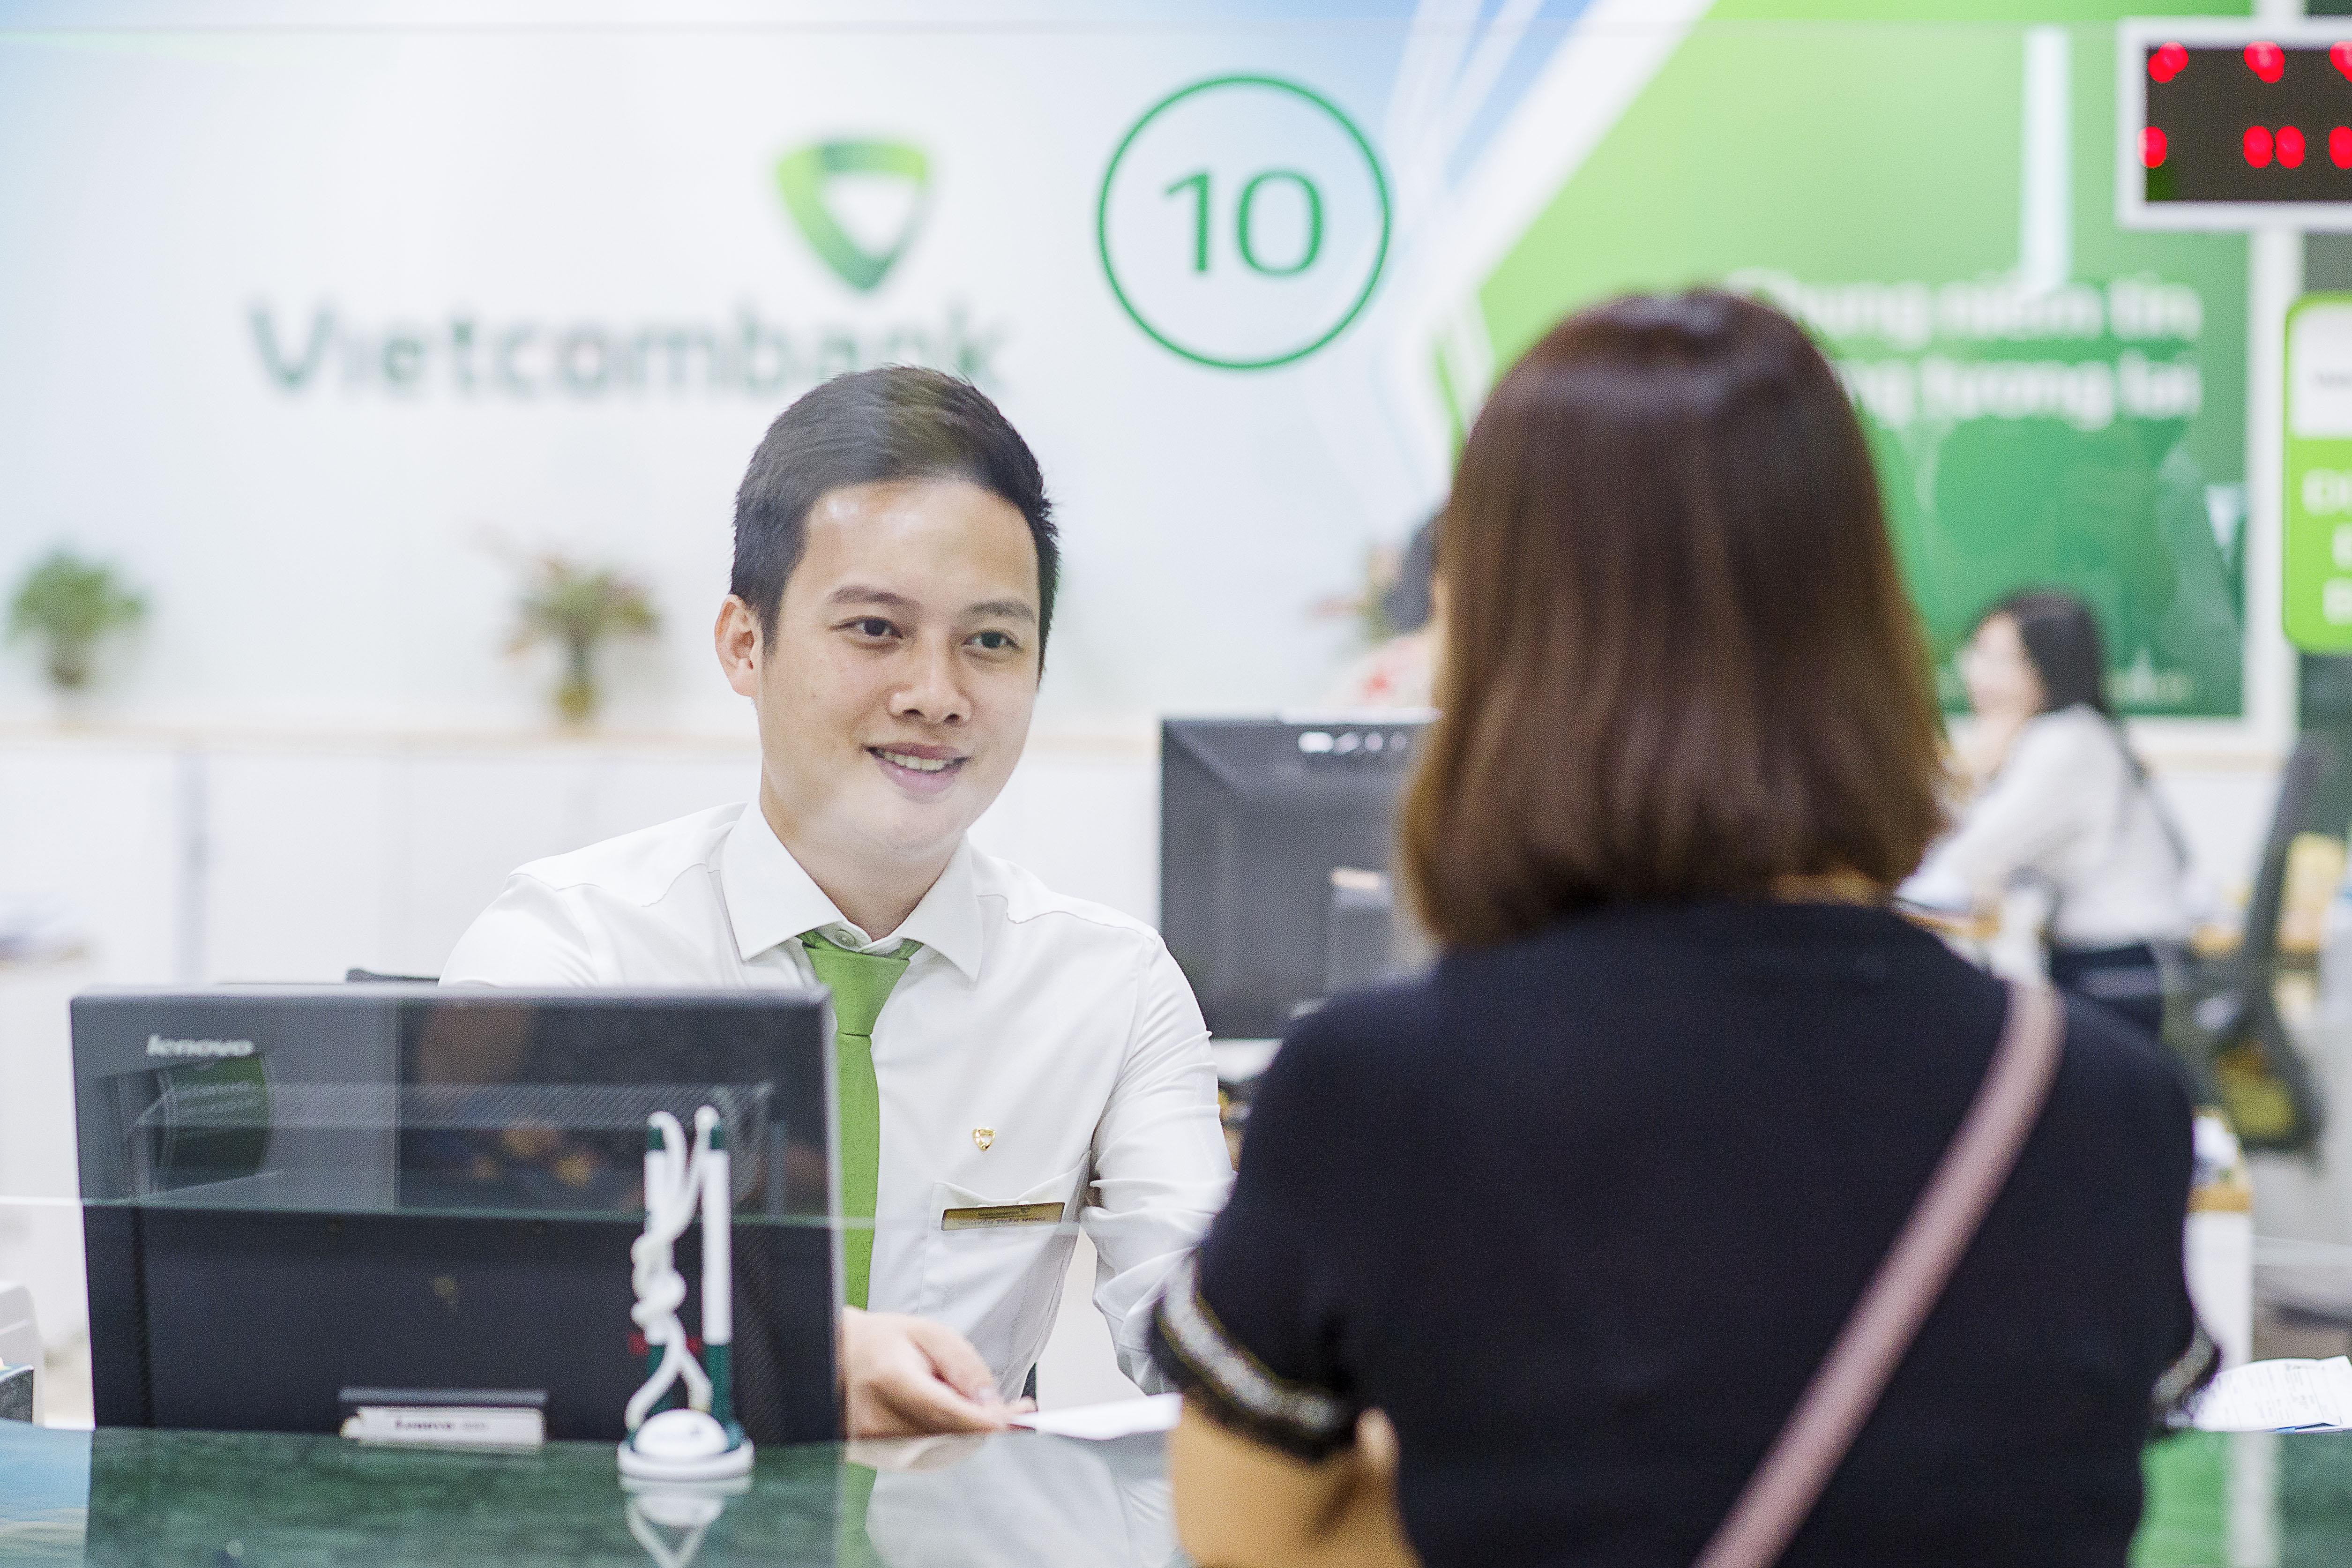 Vietcombank tiếp tục giảm lãi suất tiền vay hỗ trợ khách hàng bị ảnh hưởng bởi đại dịch Covid-19 - Ảnh 2